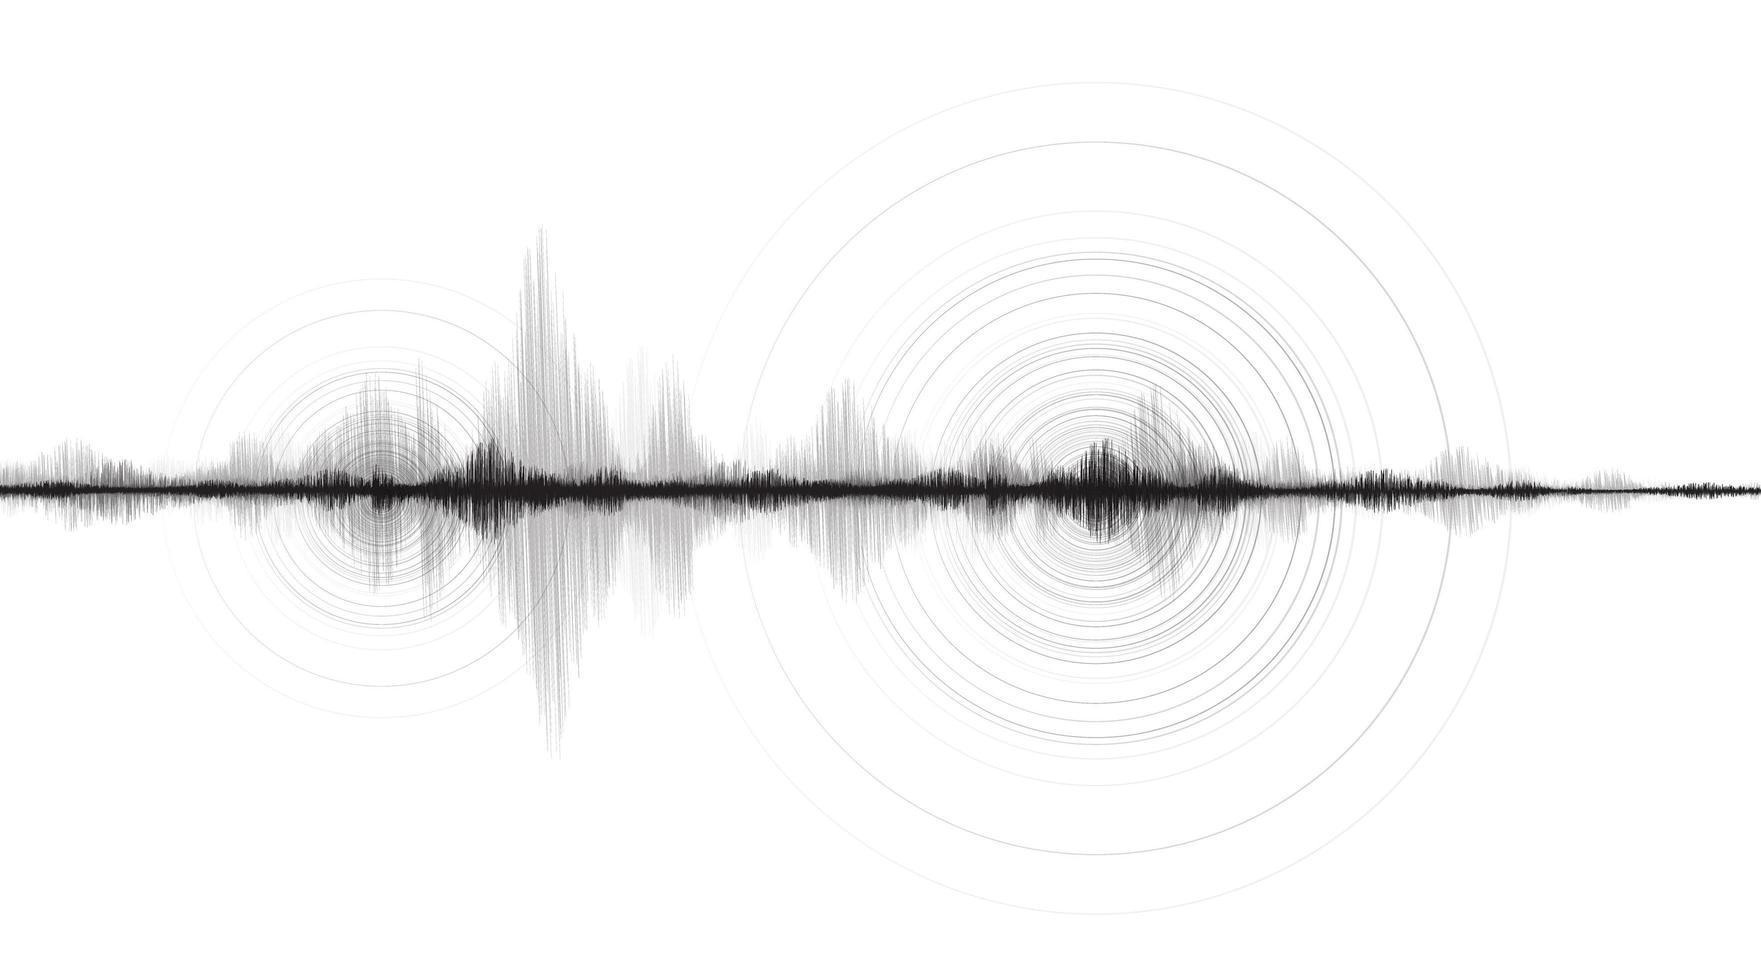 Mini ola de terremoto en blanco y negro con fondo de papel blanco de línea de vibración circular vector